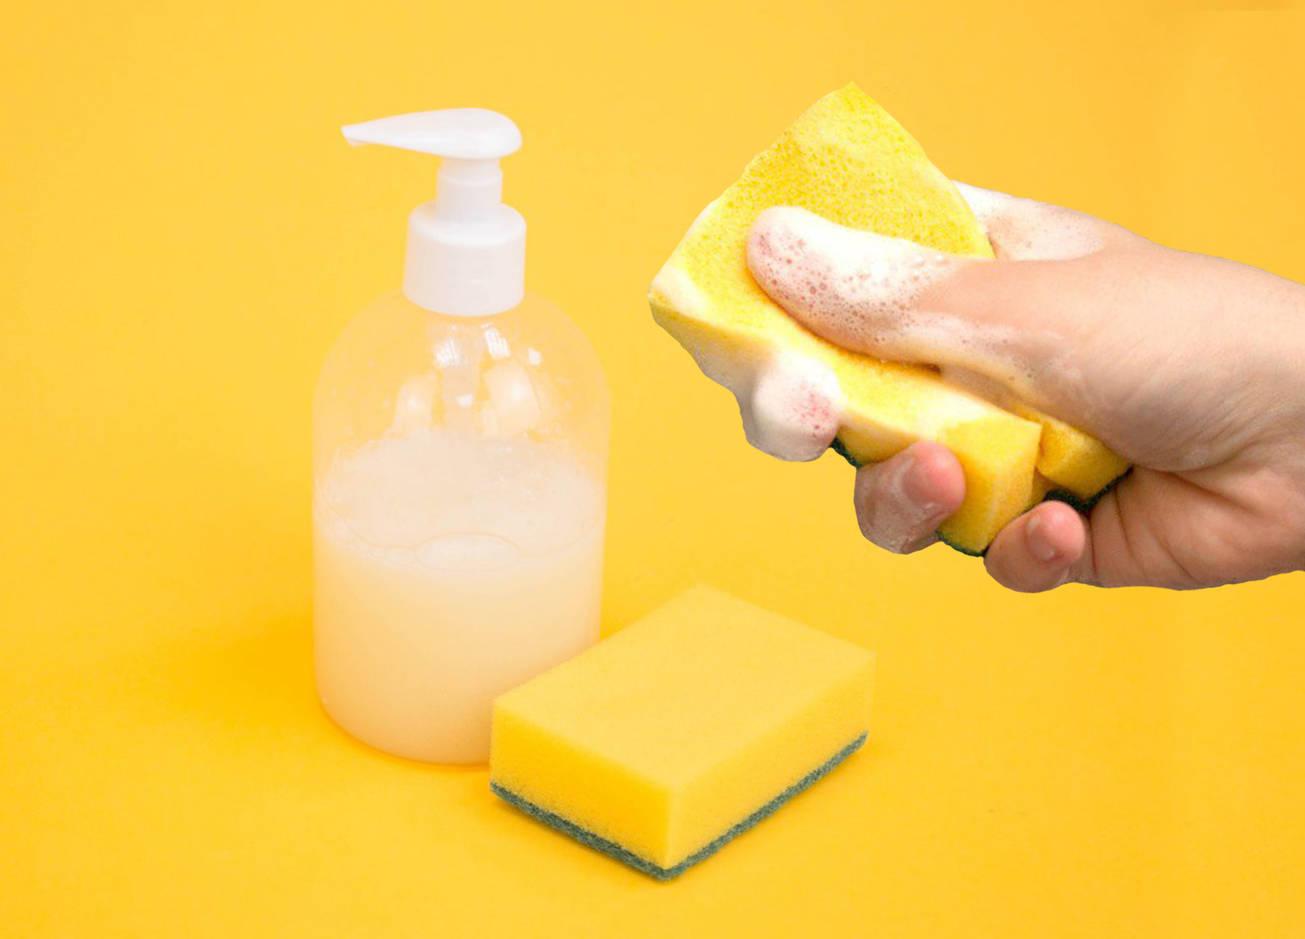 Как приготовить безопасное средство для мытья посуды своими руками